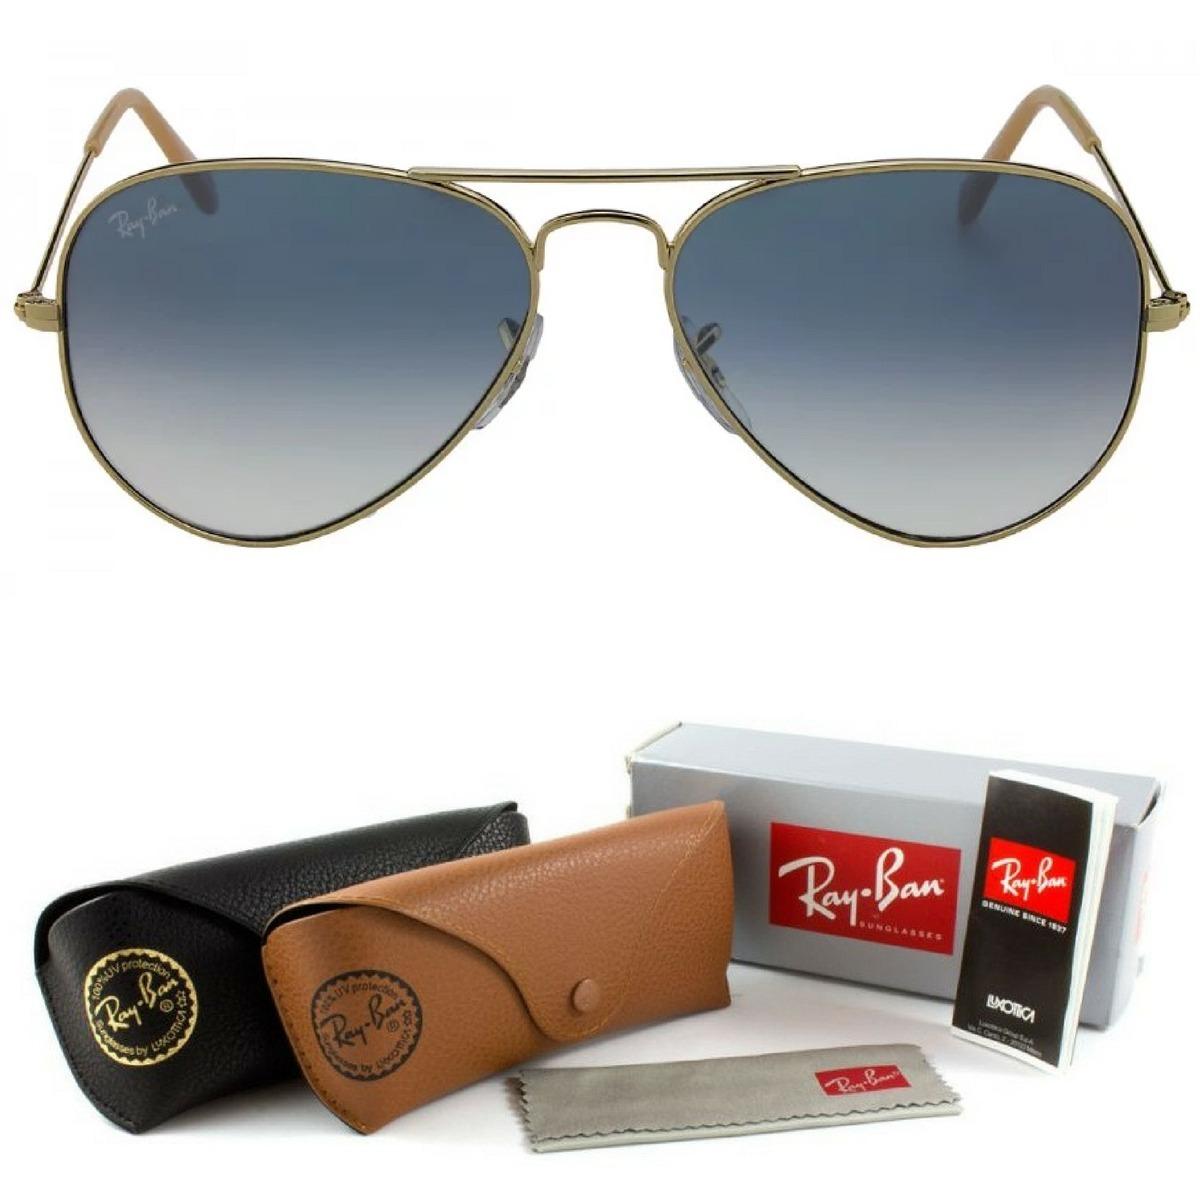 2945d497bdcf3 oculos sol rb aviador degrade original feminino mascu p m g. Carregando  zoom.